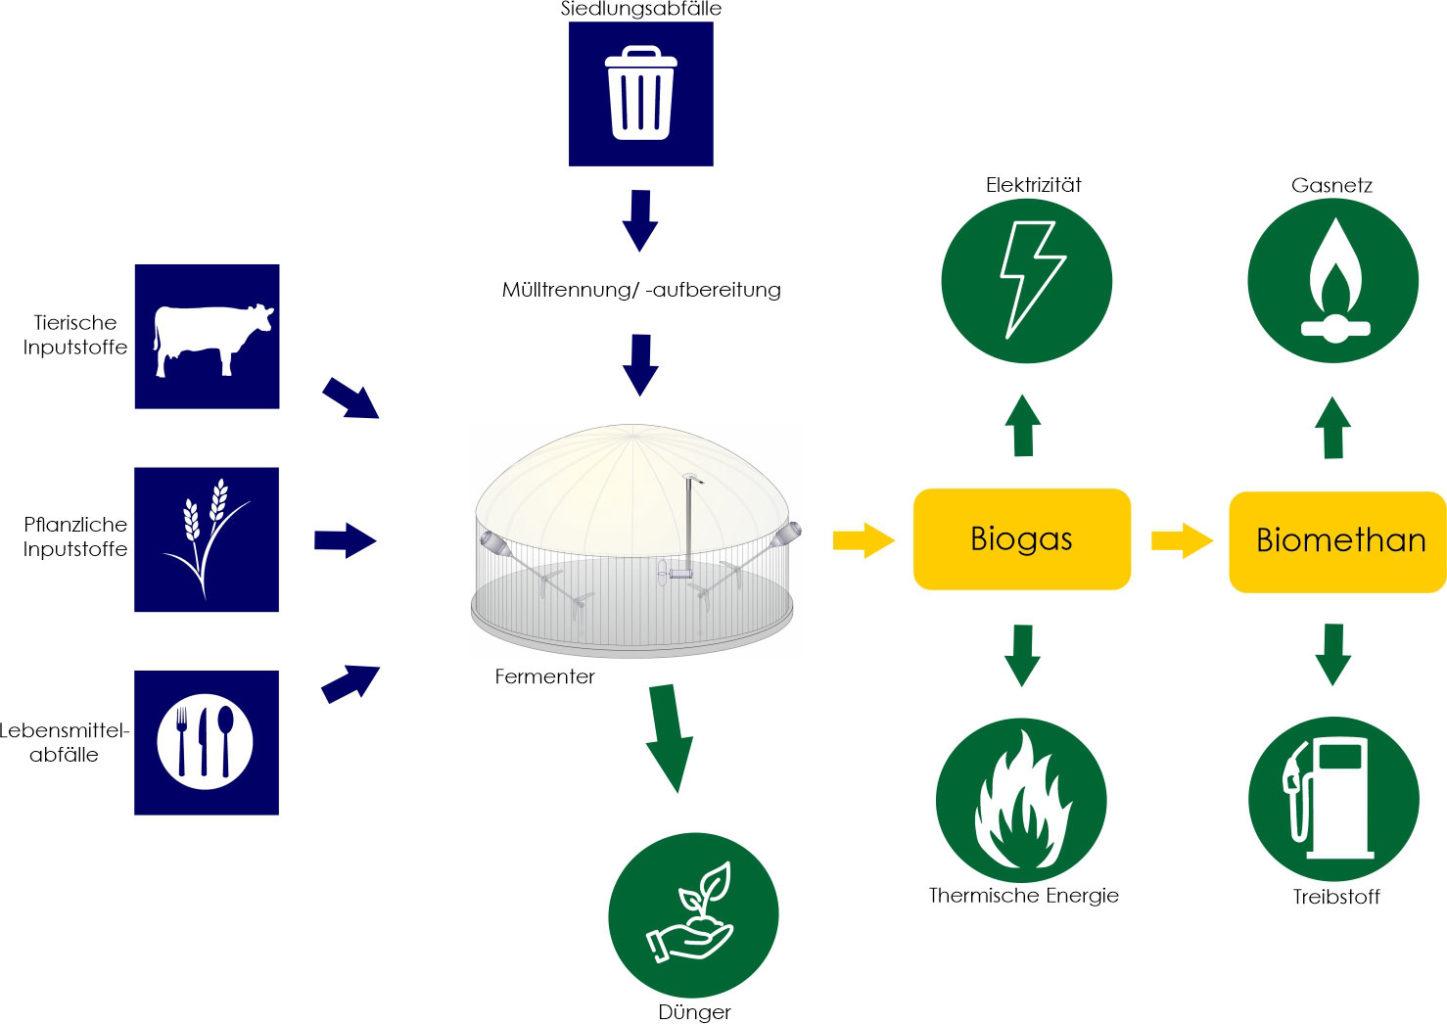 Nachhaltiger Kreislauf einer Biogasanlage - Prozessschema